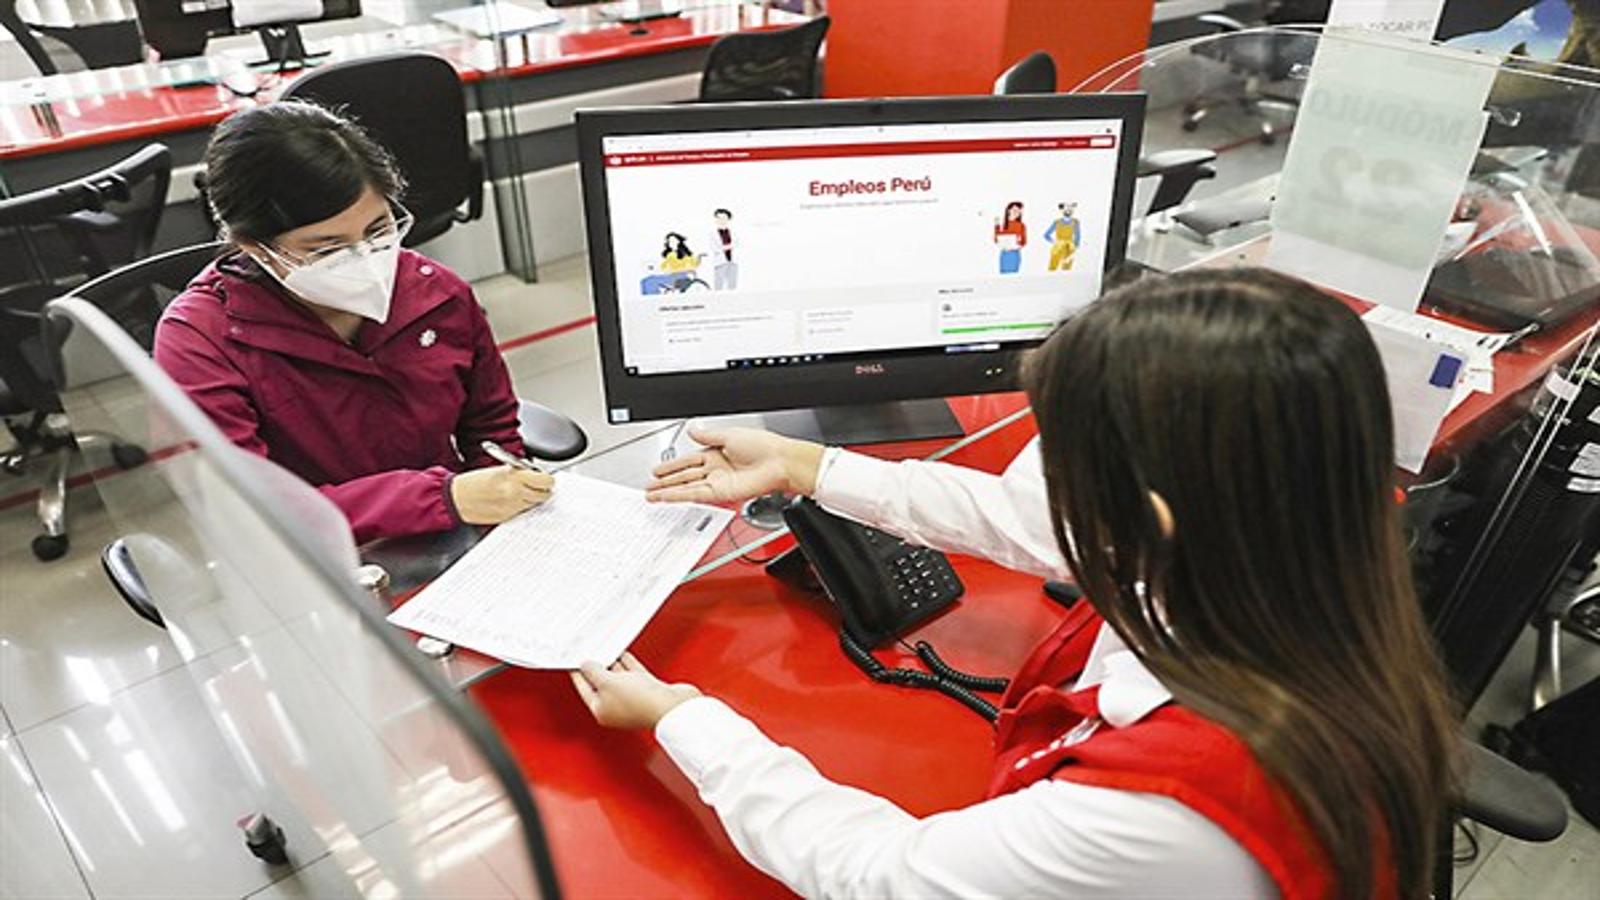 ¡IMPULSO A LA INVESTIGACIÓN! CONCYTEC LANZA CAMPAÑA DE BENEFICIOS TRIBUTARIOS PARA LA INNOVACIÓN TECNOLÓGICA